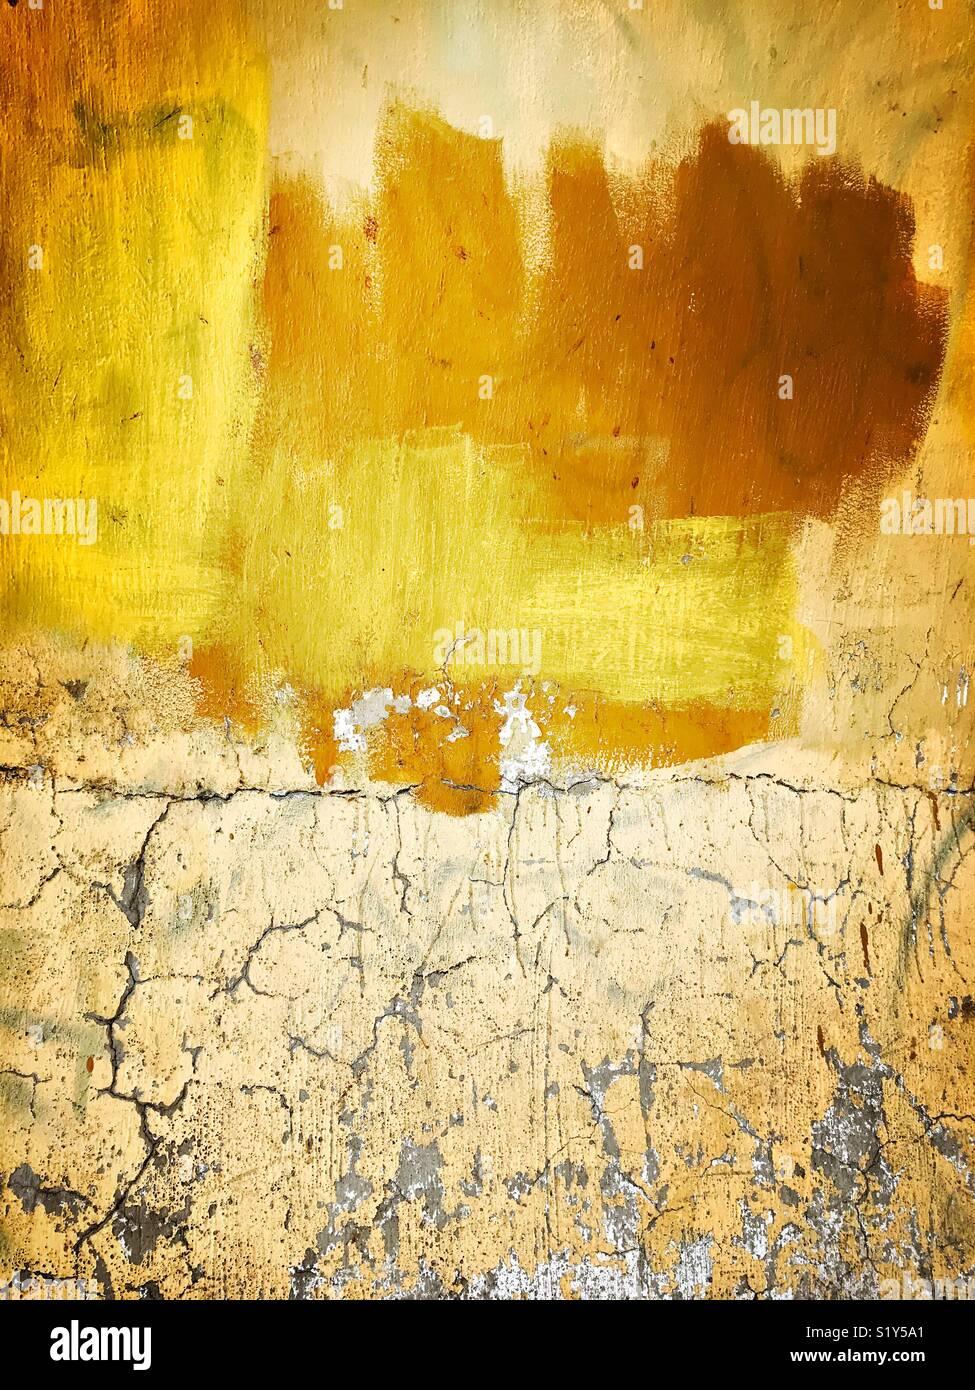 la peinture dans différents tons de jaune et brun sont aléatoirement